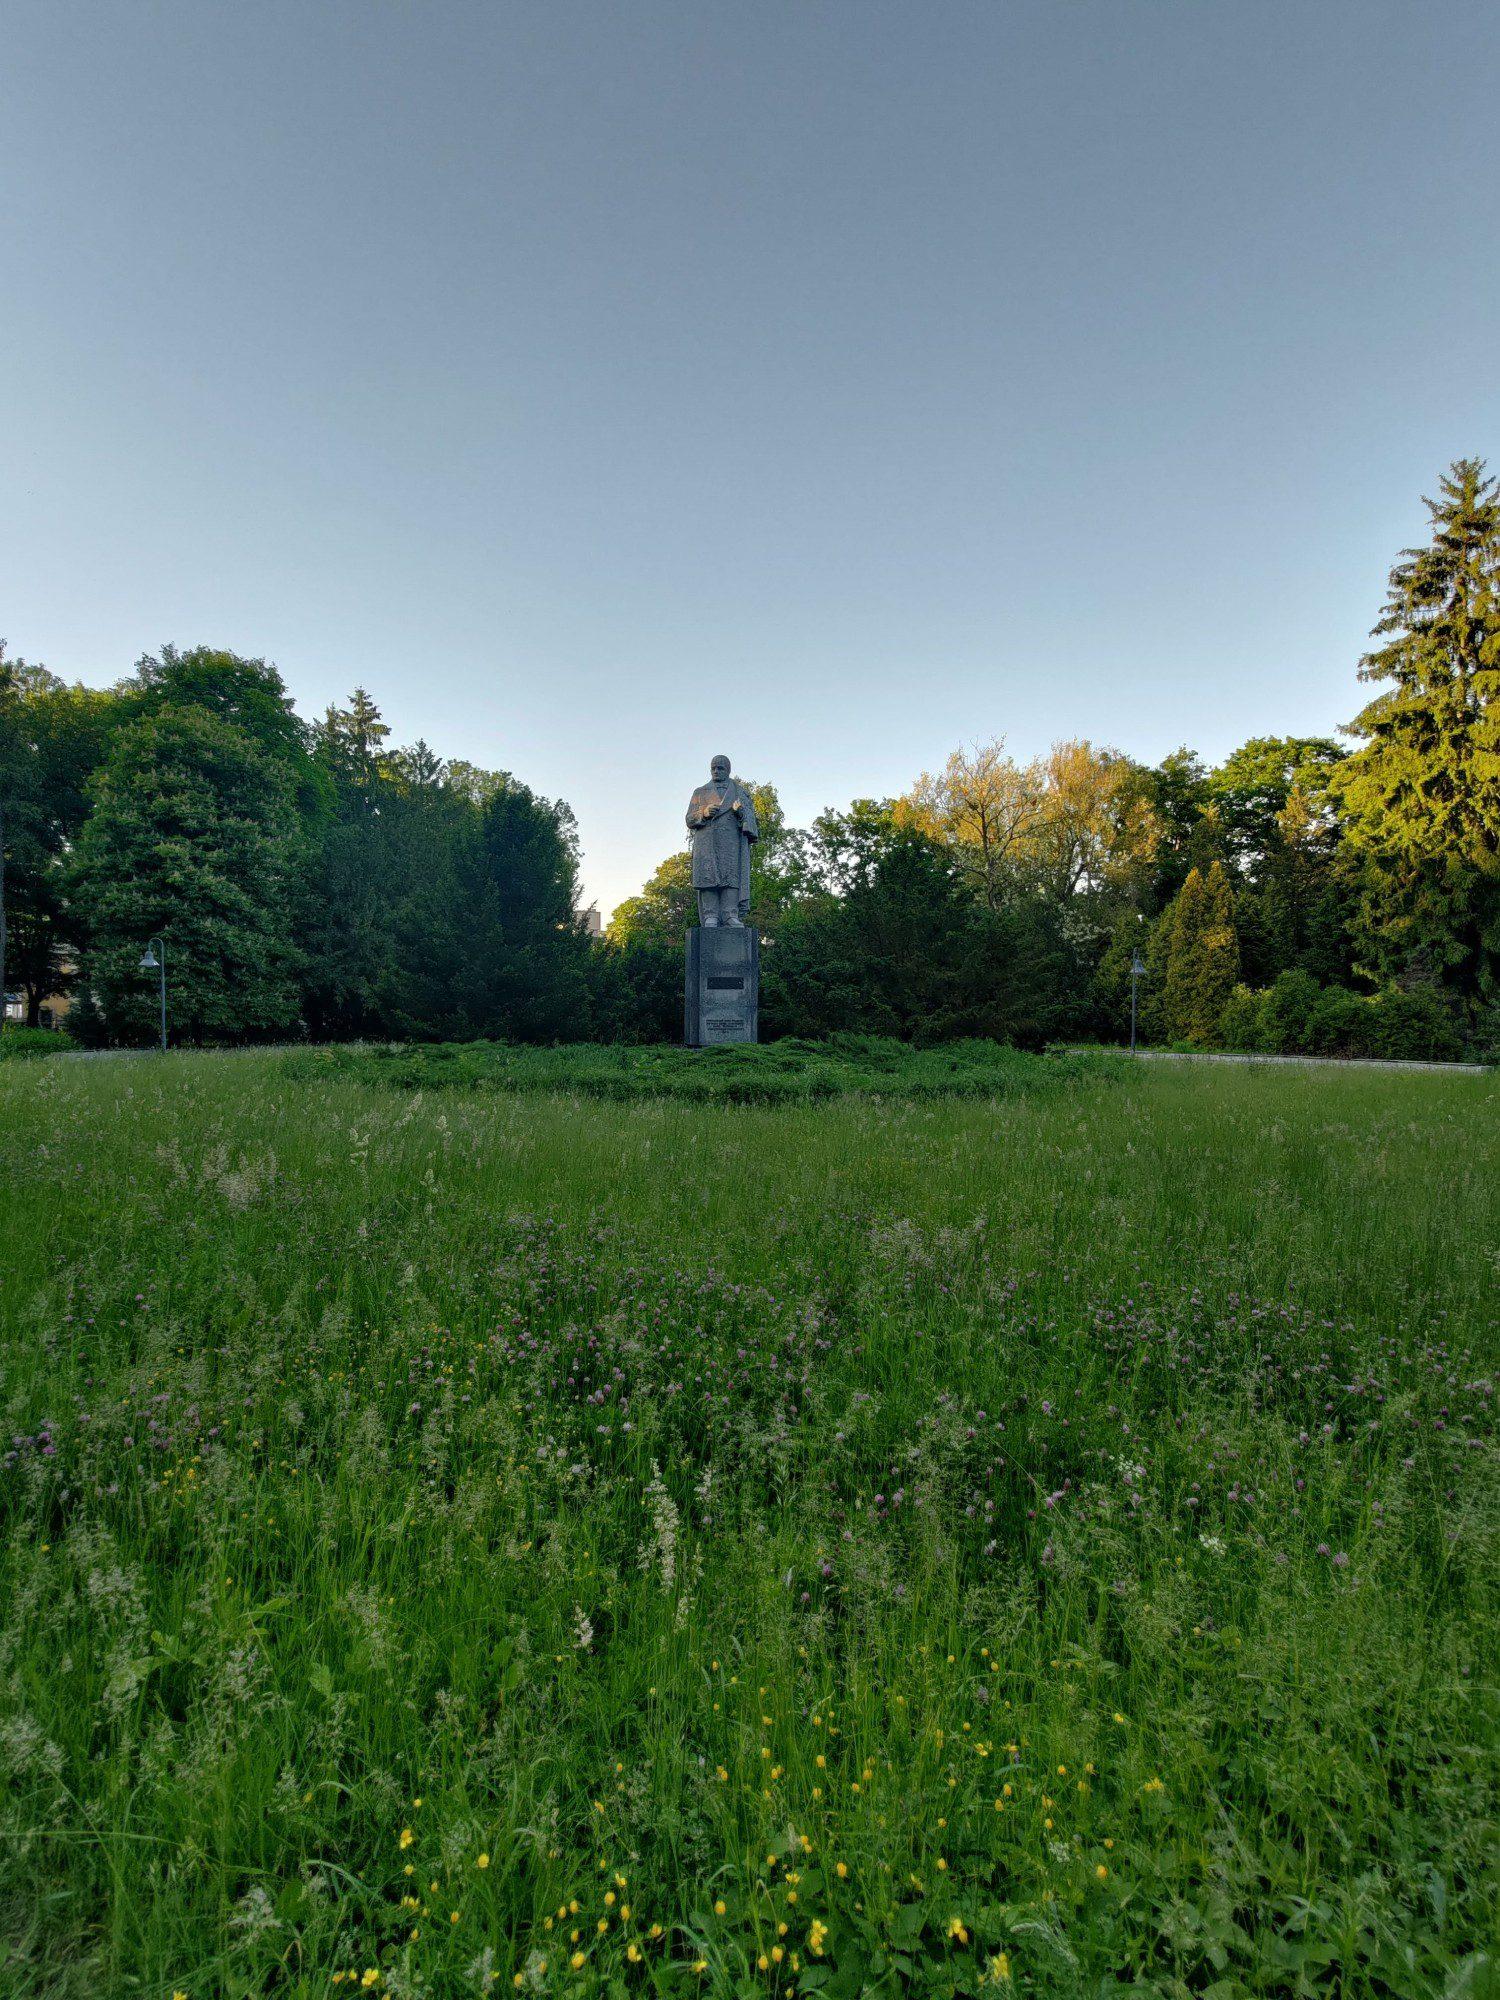 Zdjęcie szerokokątne pomnika aparatem zenfone 8